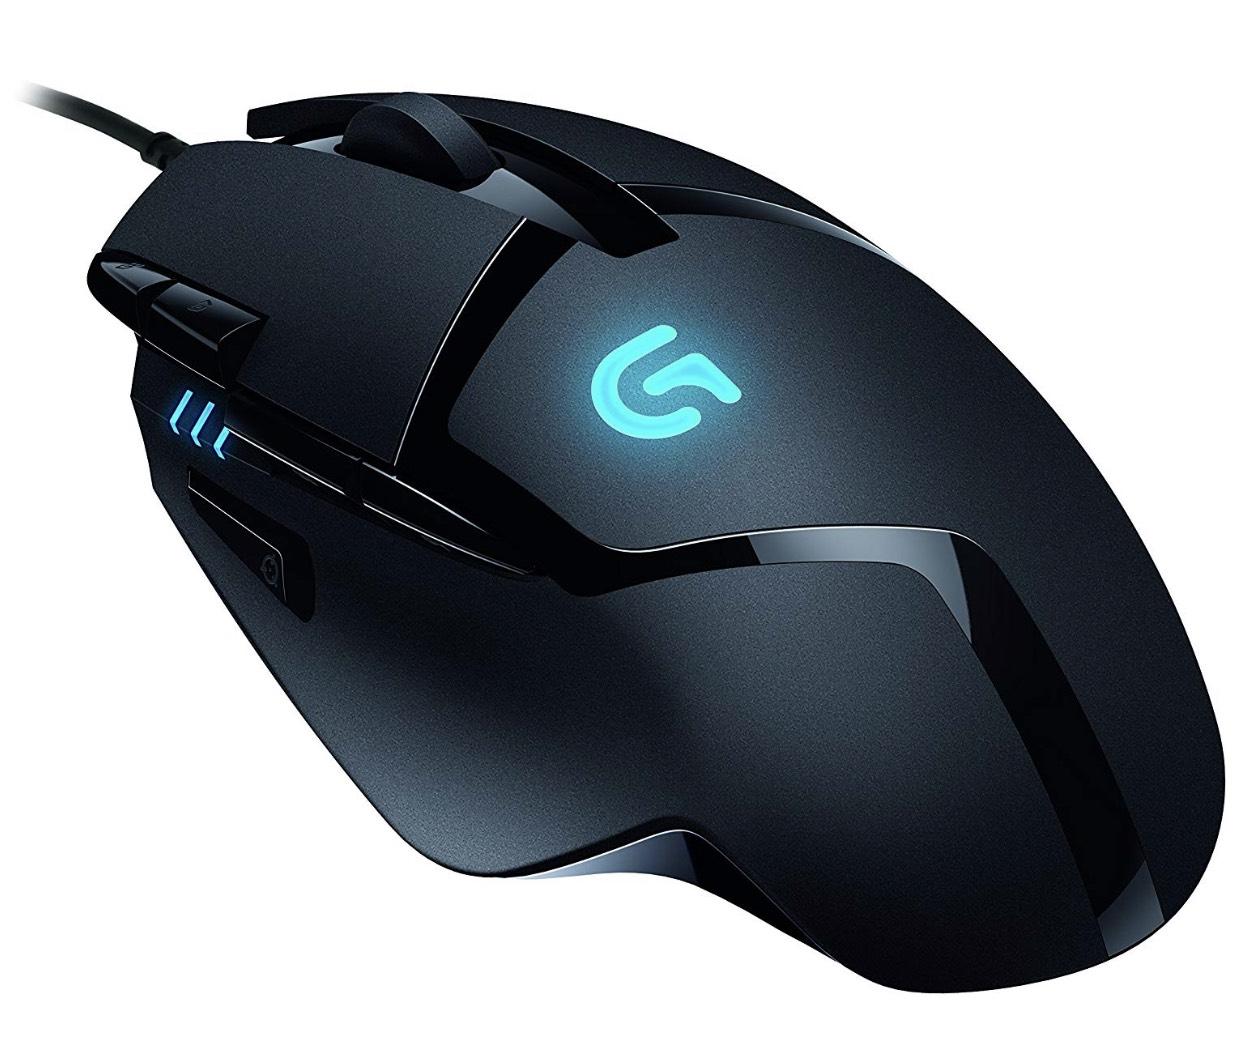 Logitech G402 Gaming-Maus Hyperion Fury (mit 8 programmierbaren Tasten) schwarz für 22,19